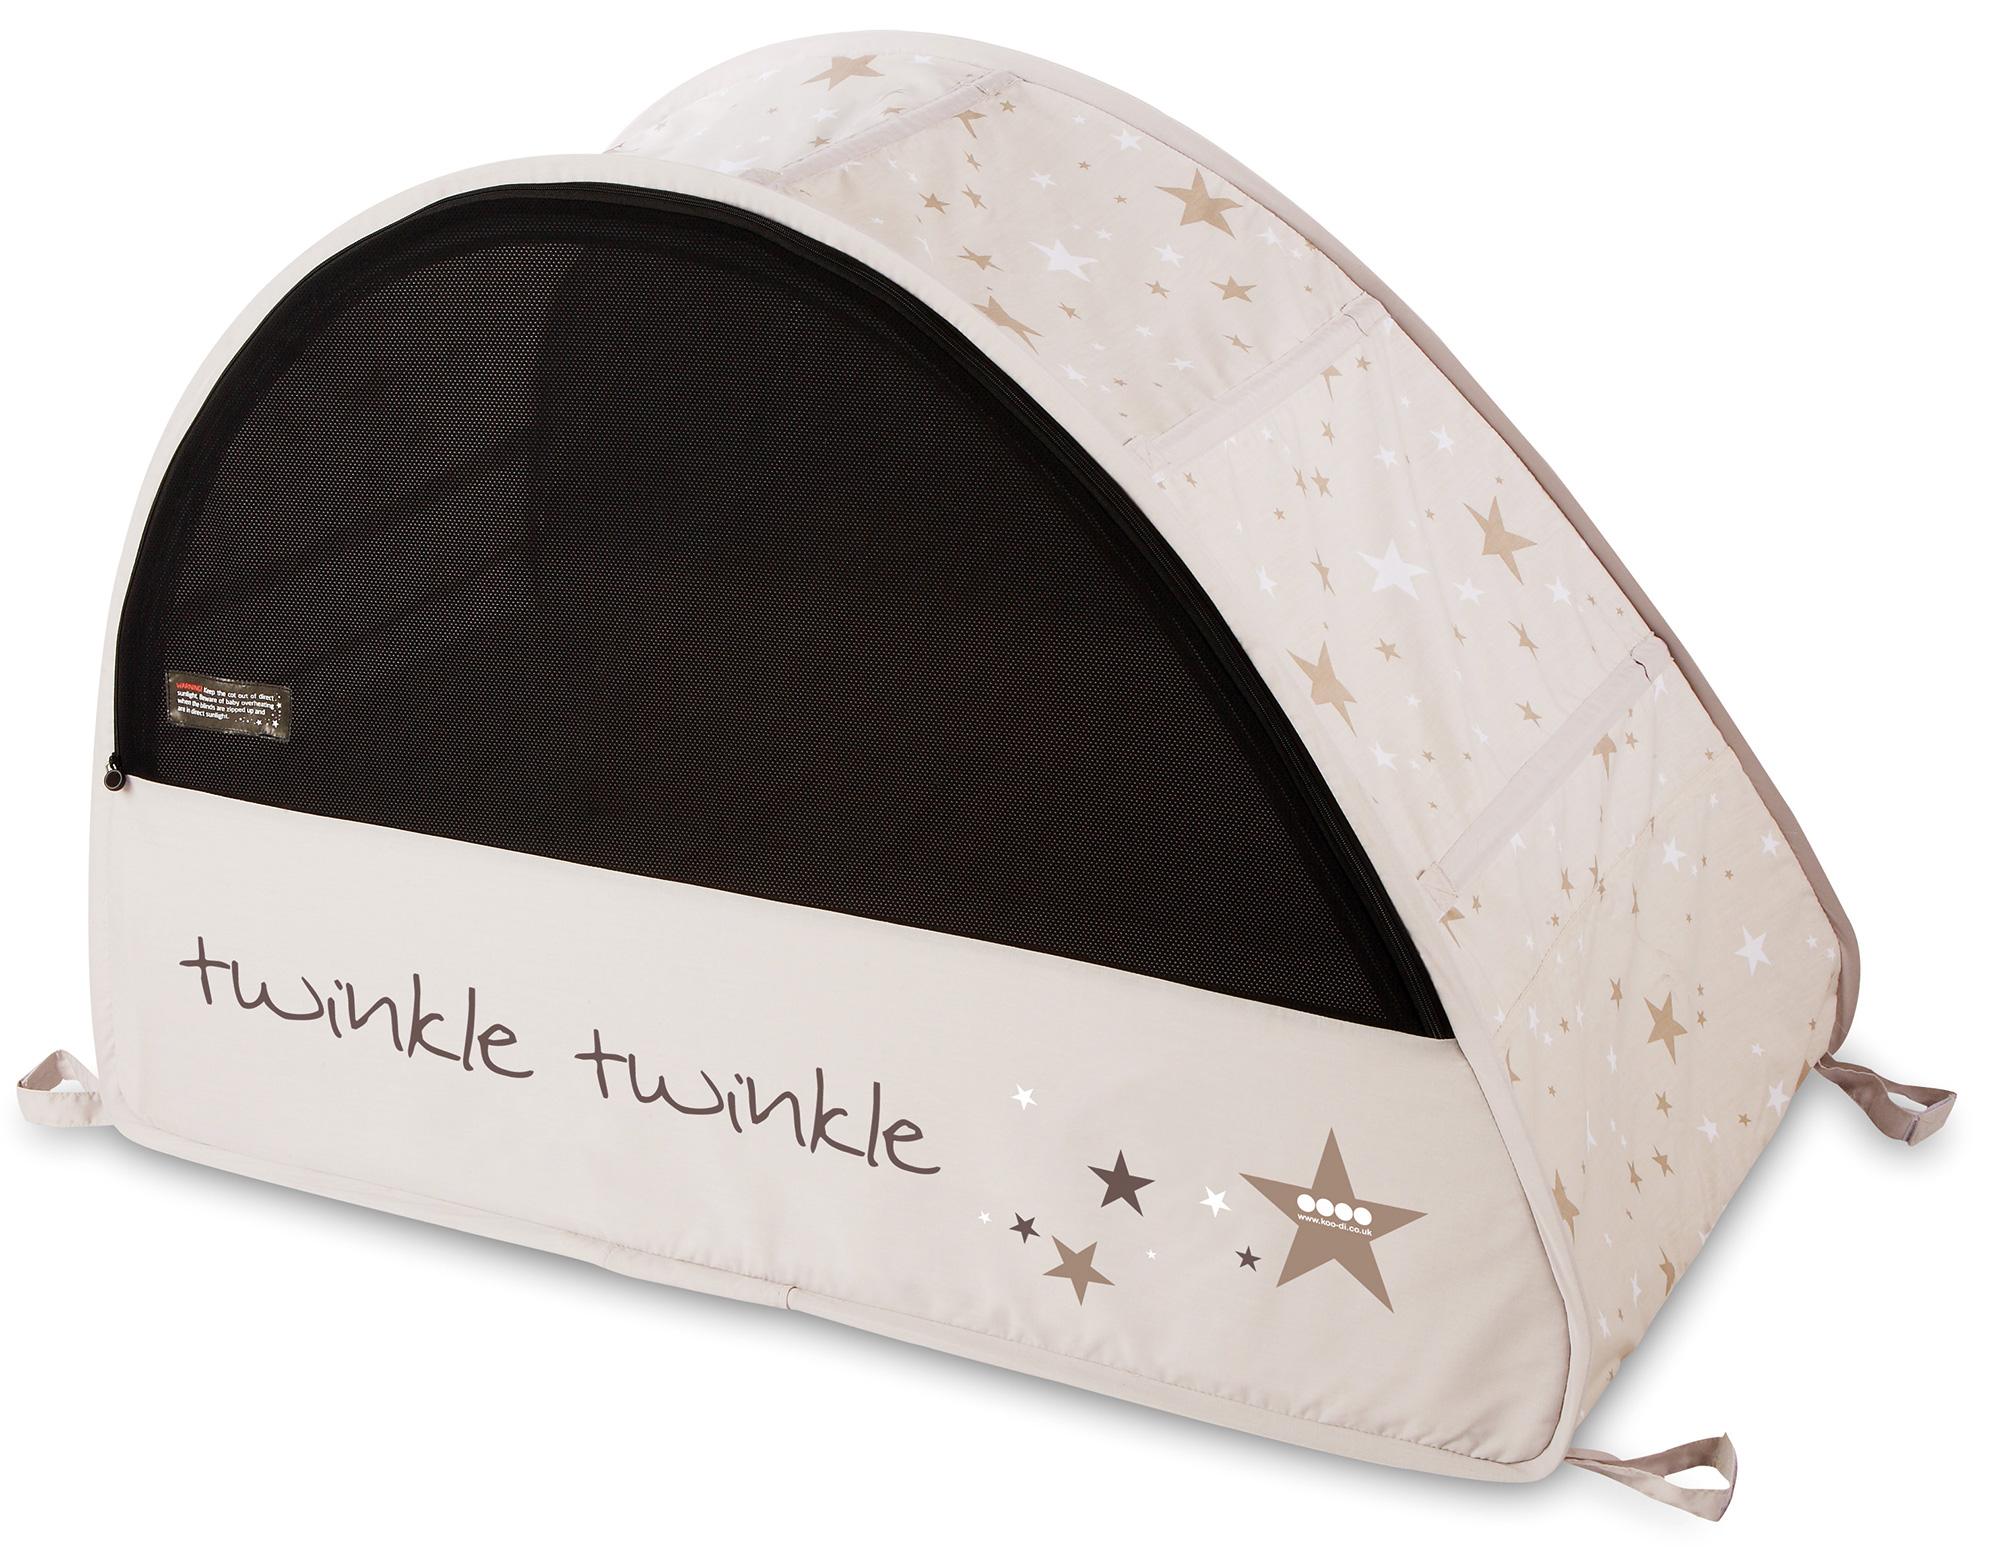 koo-di sleep & sun pop up lettino da viaggio e parasole per ... - Lettino Viaggio Samsonite